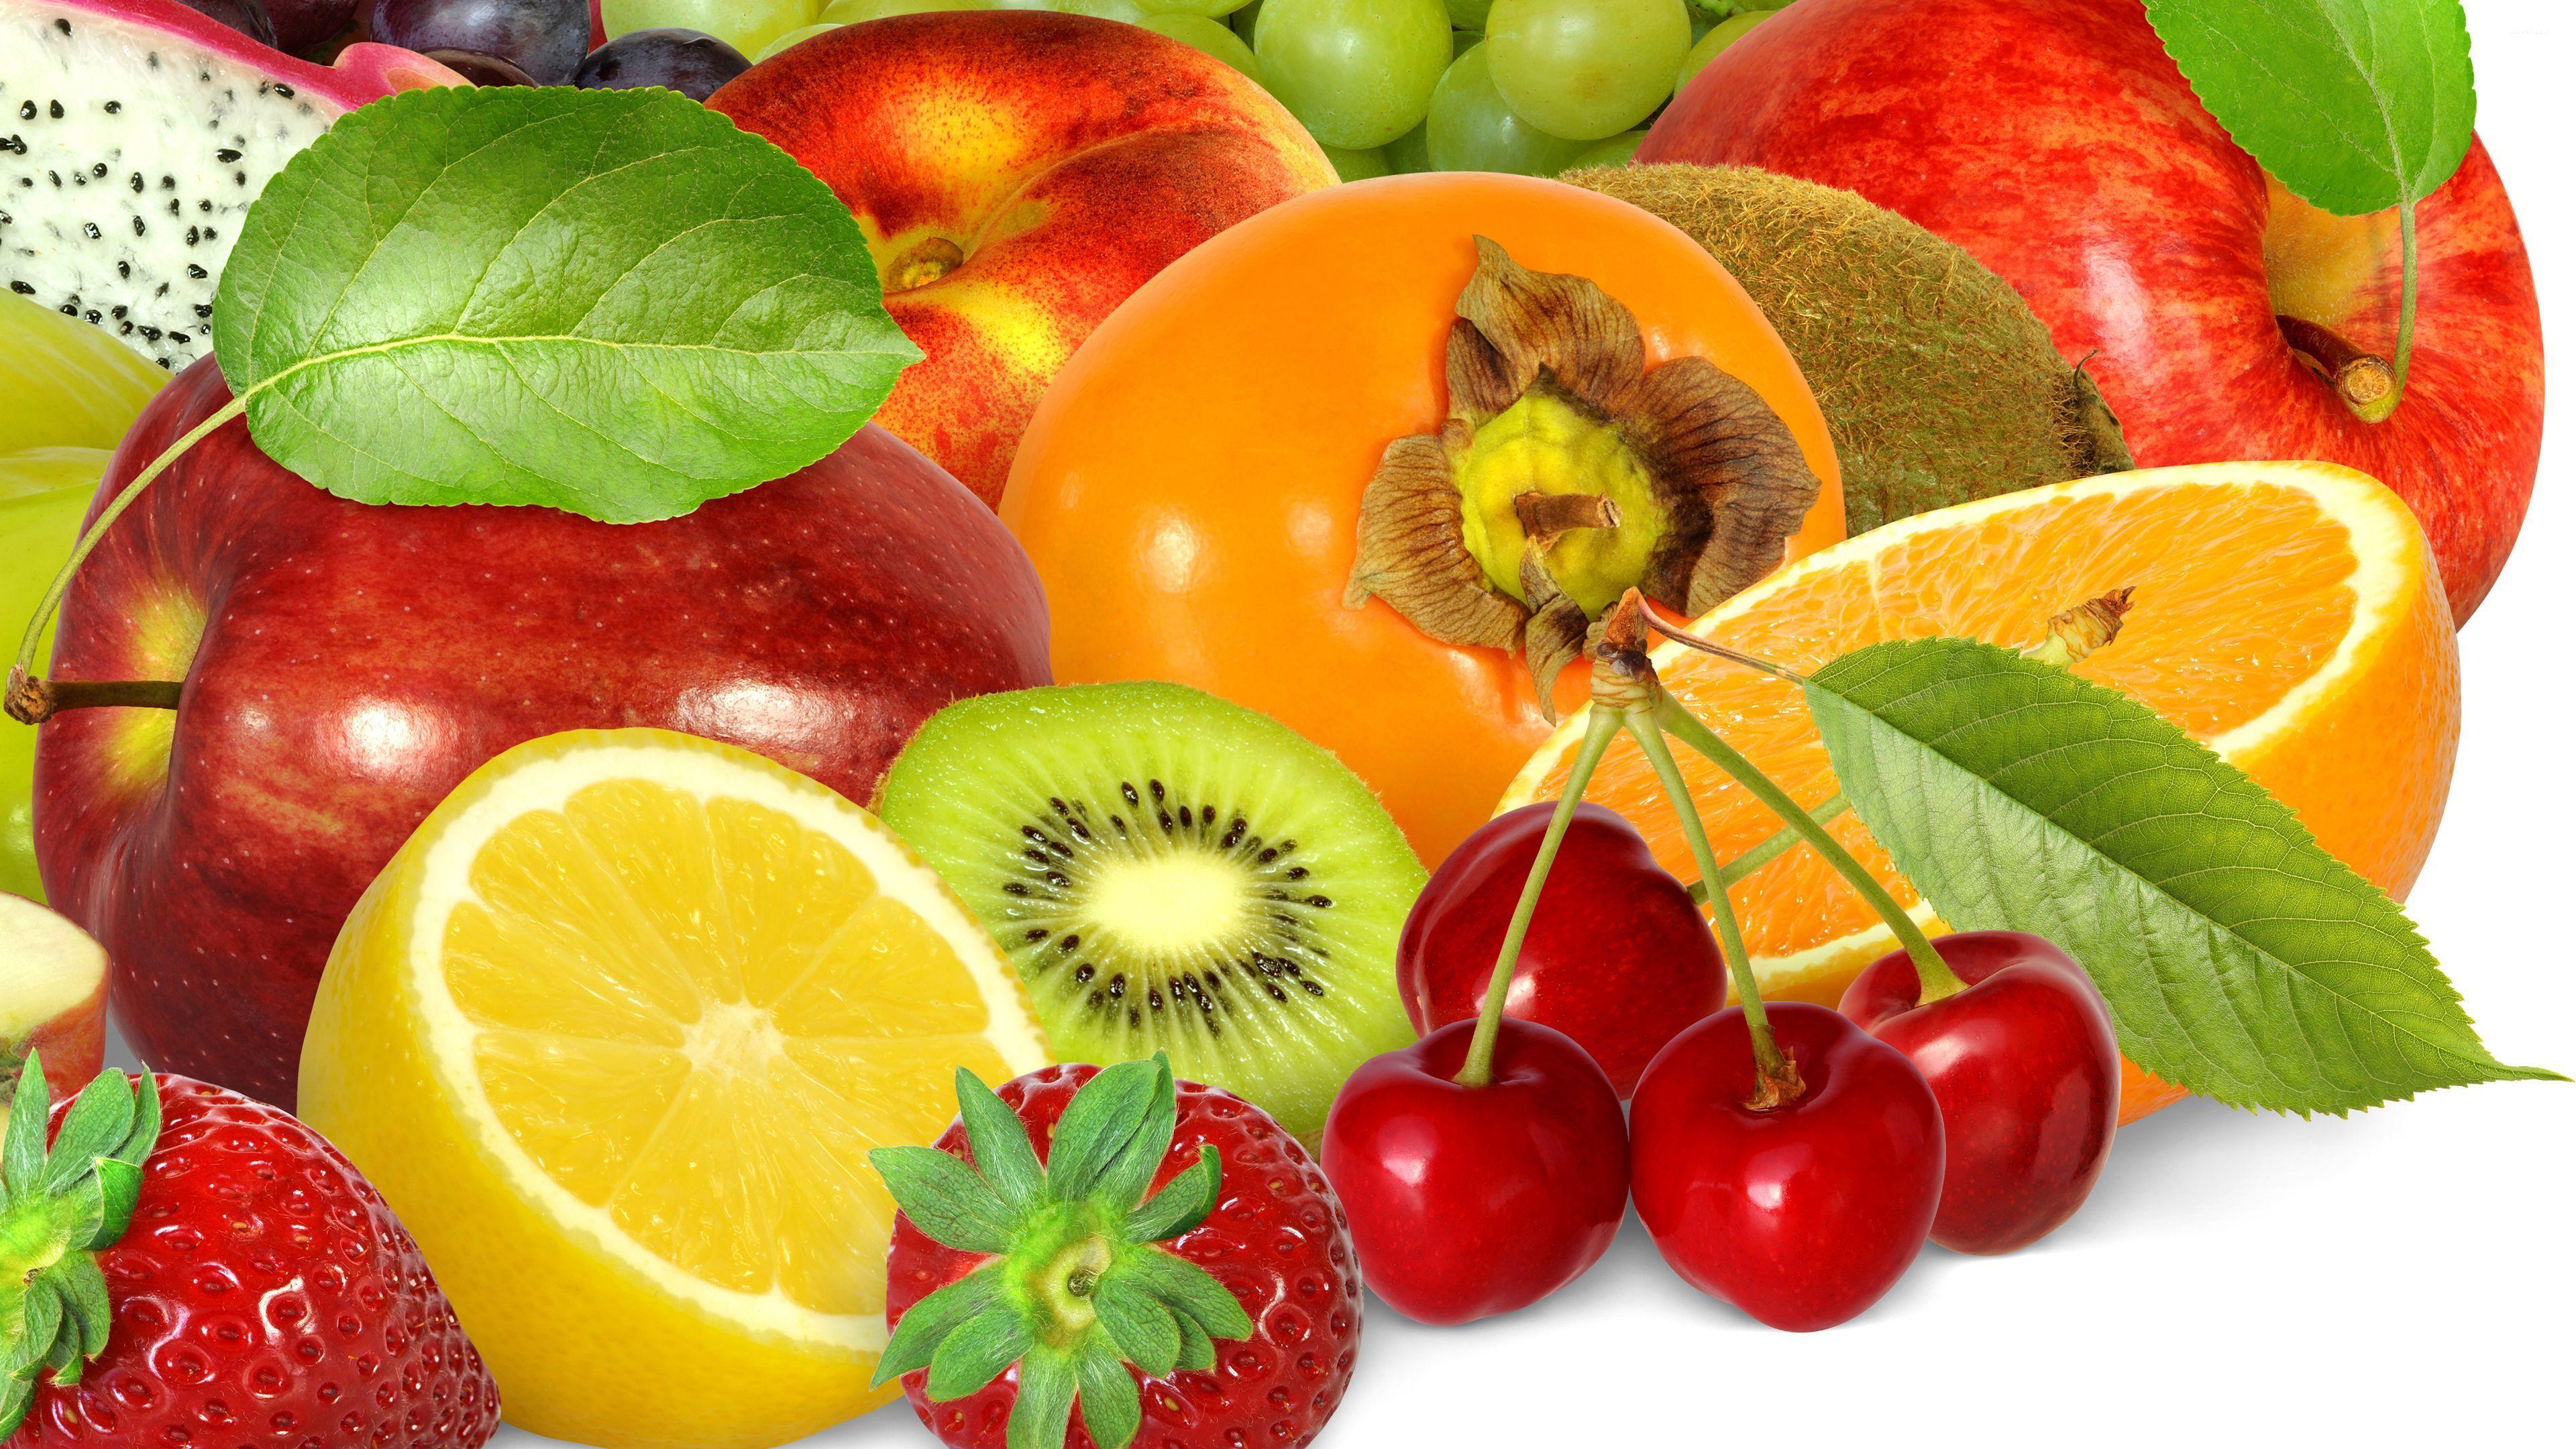 фрукты fruit  № 2921680 загрузить